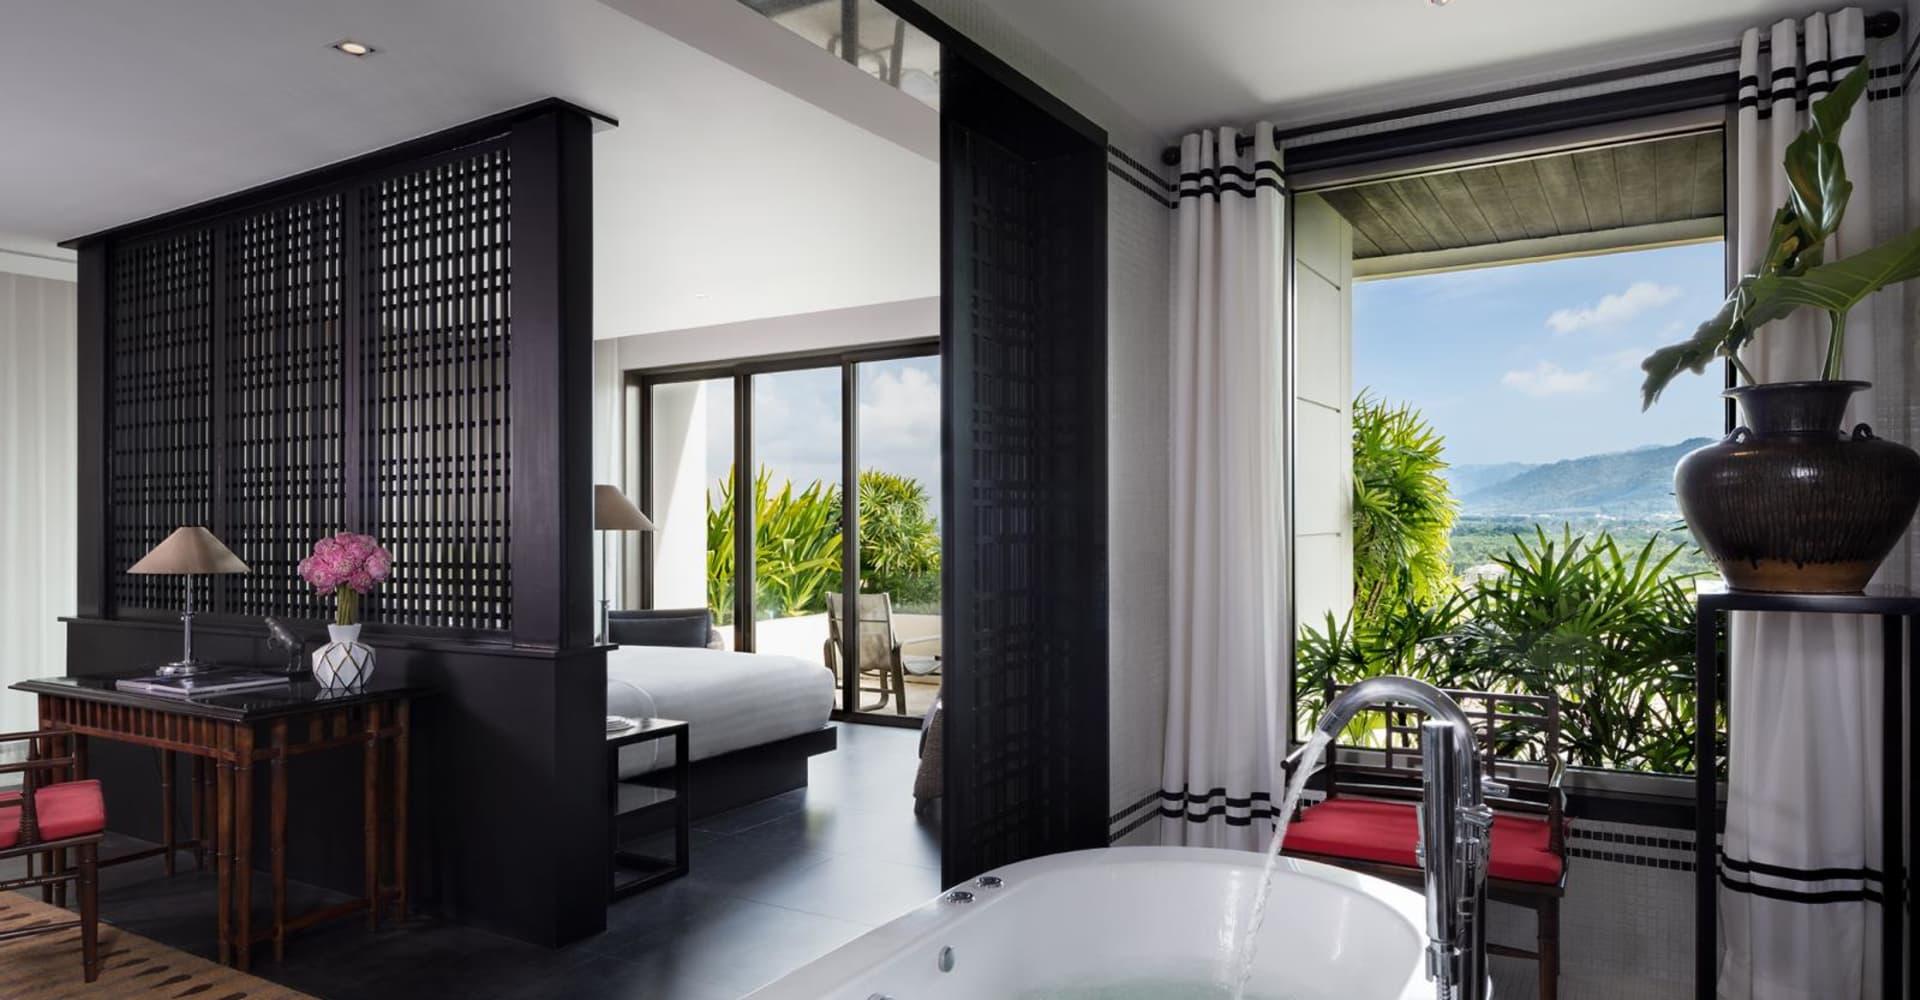 Last Minute Luxury - The Pavilions Phuket